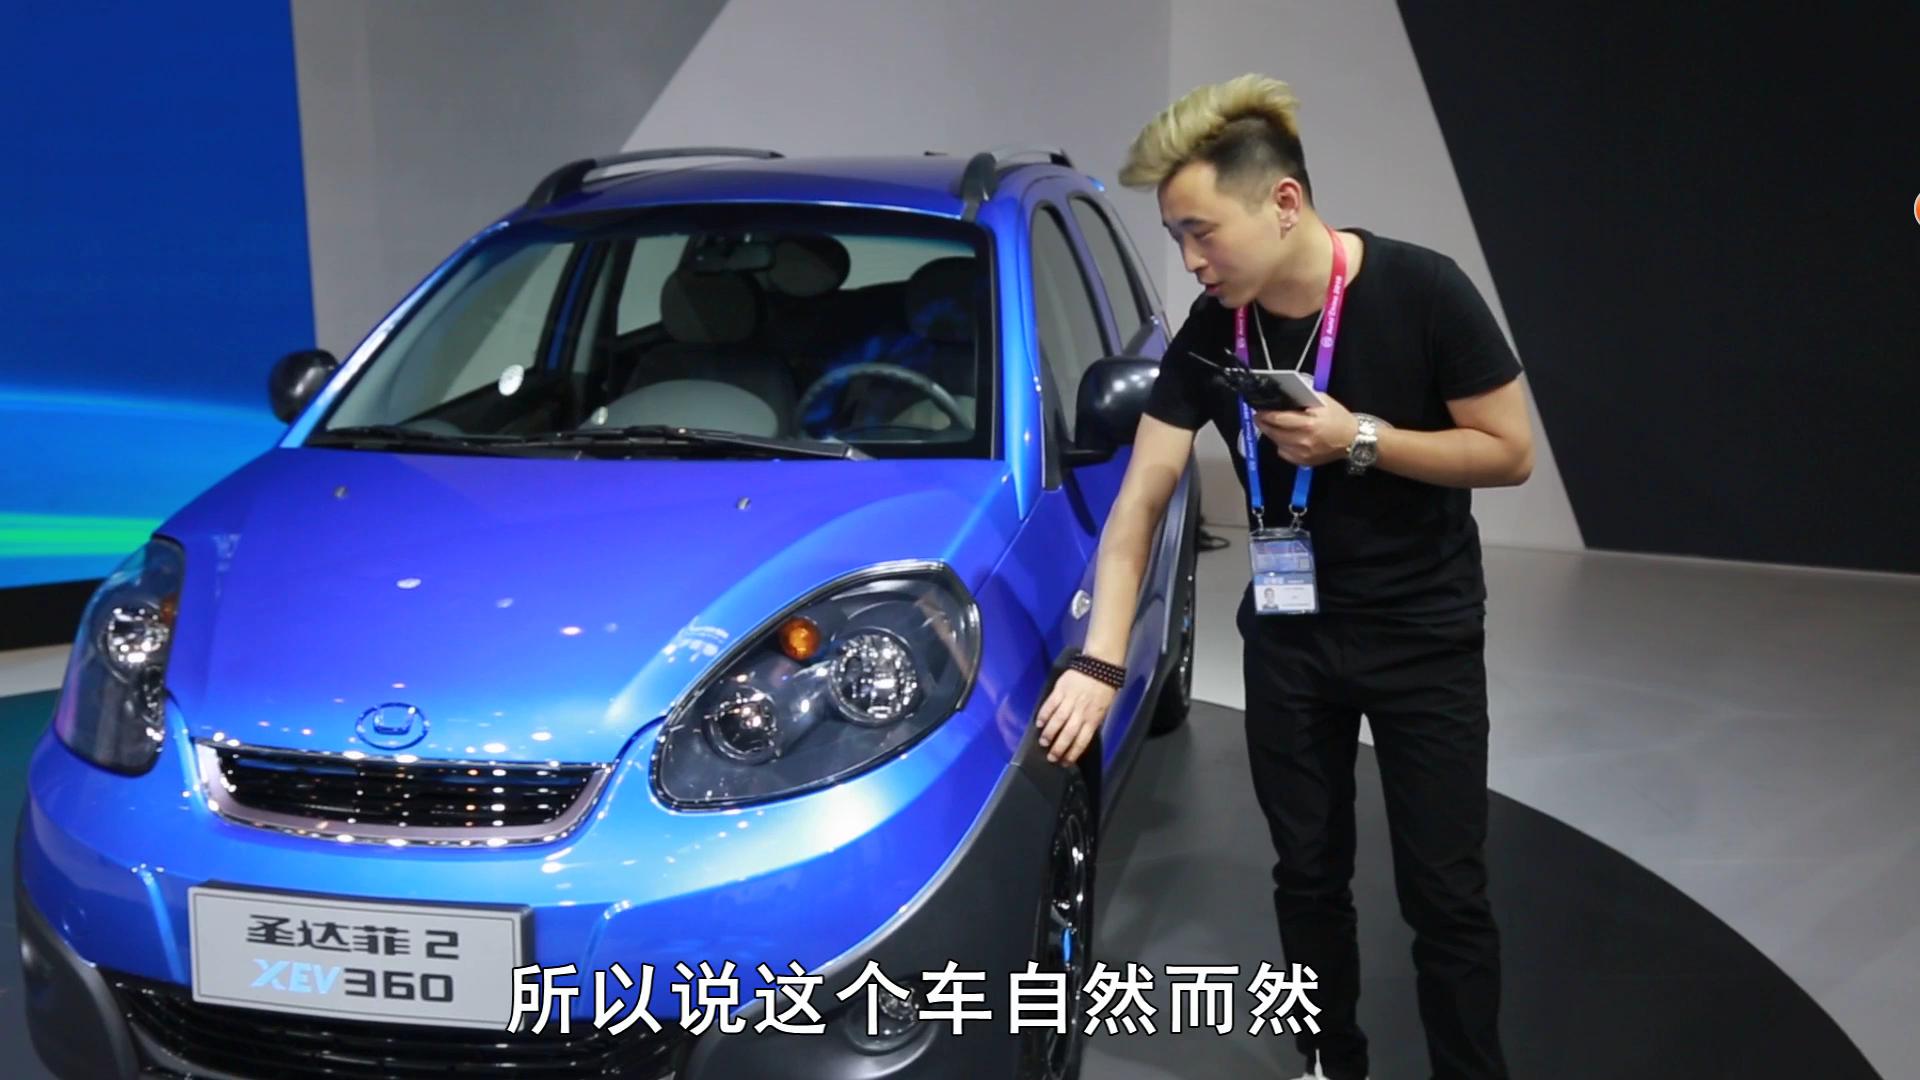 华泰新能源汽车圣达菲2正式上市,价格公道6.88万元起